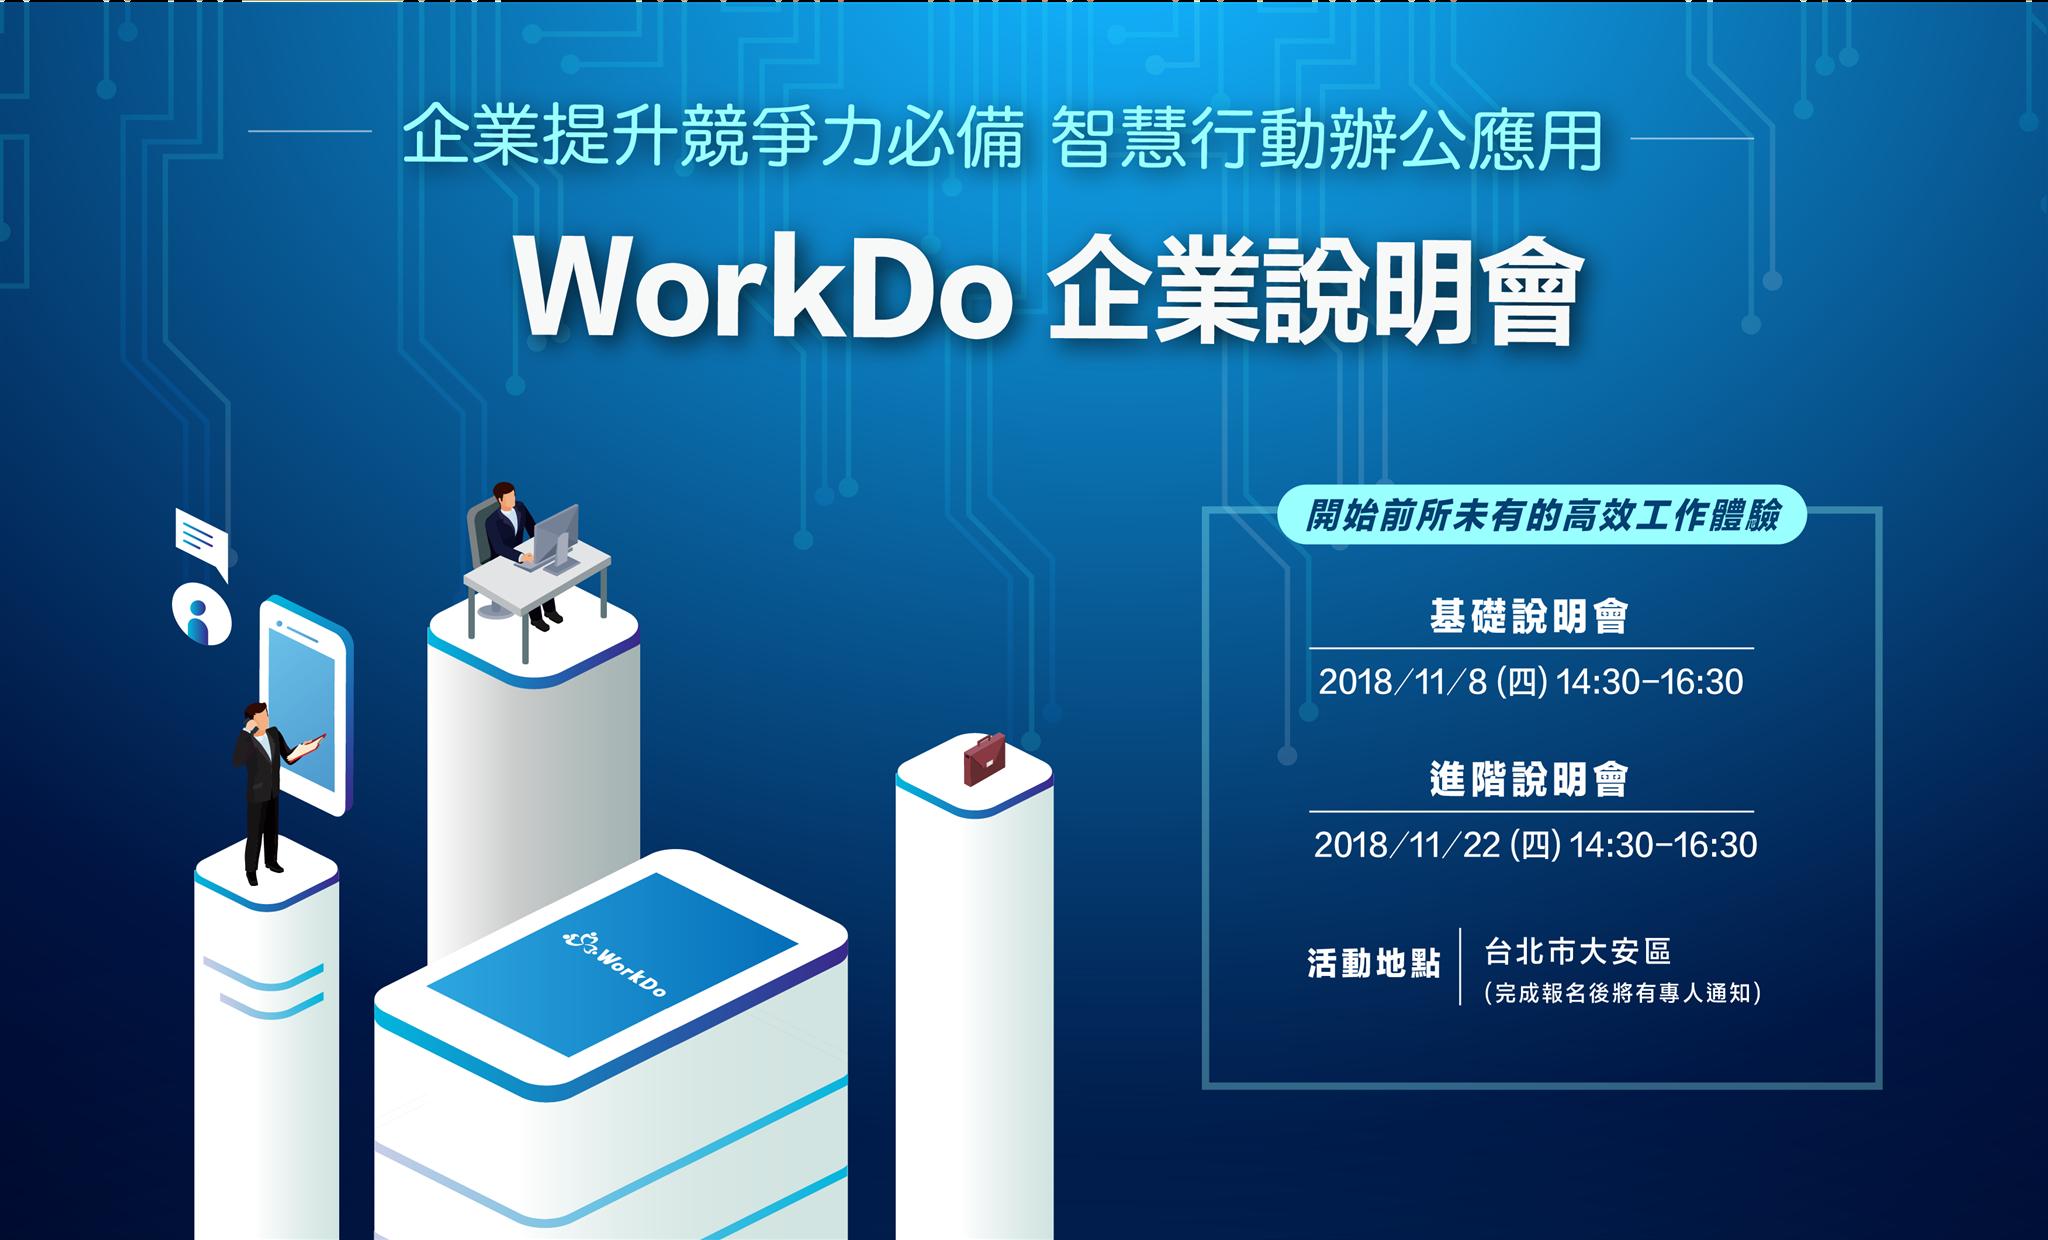 2018 WorkDo All-in-One智慧行動辦公應用 企業說明會